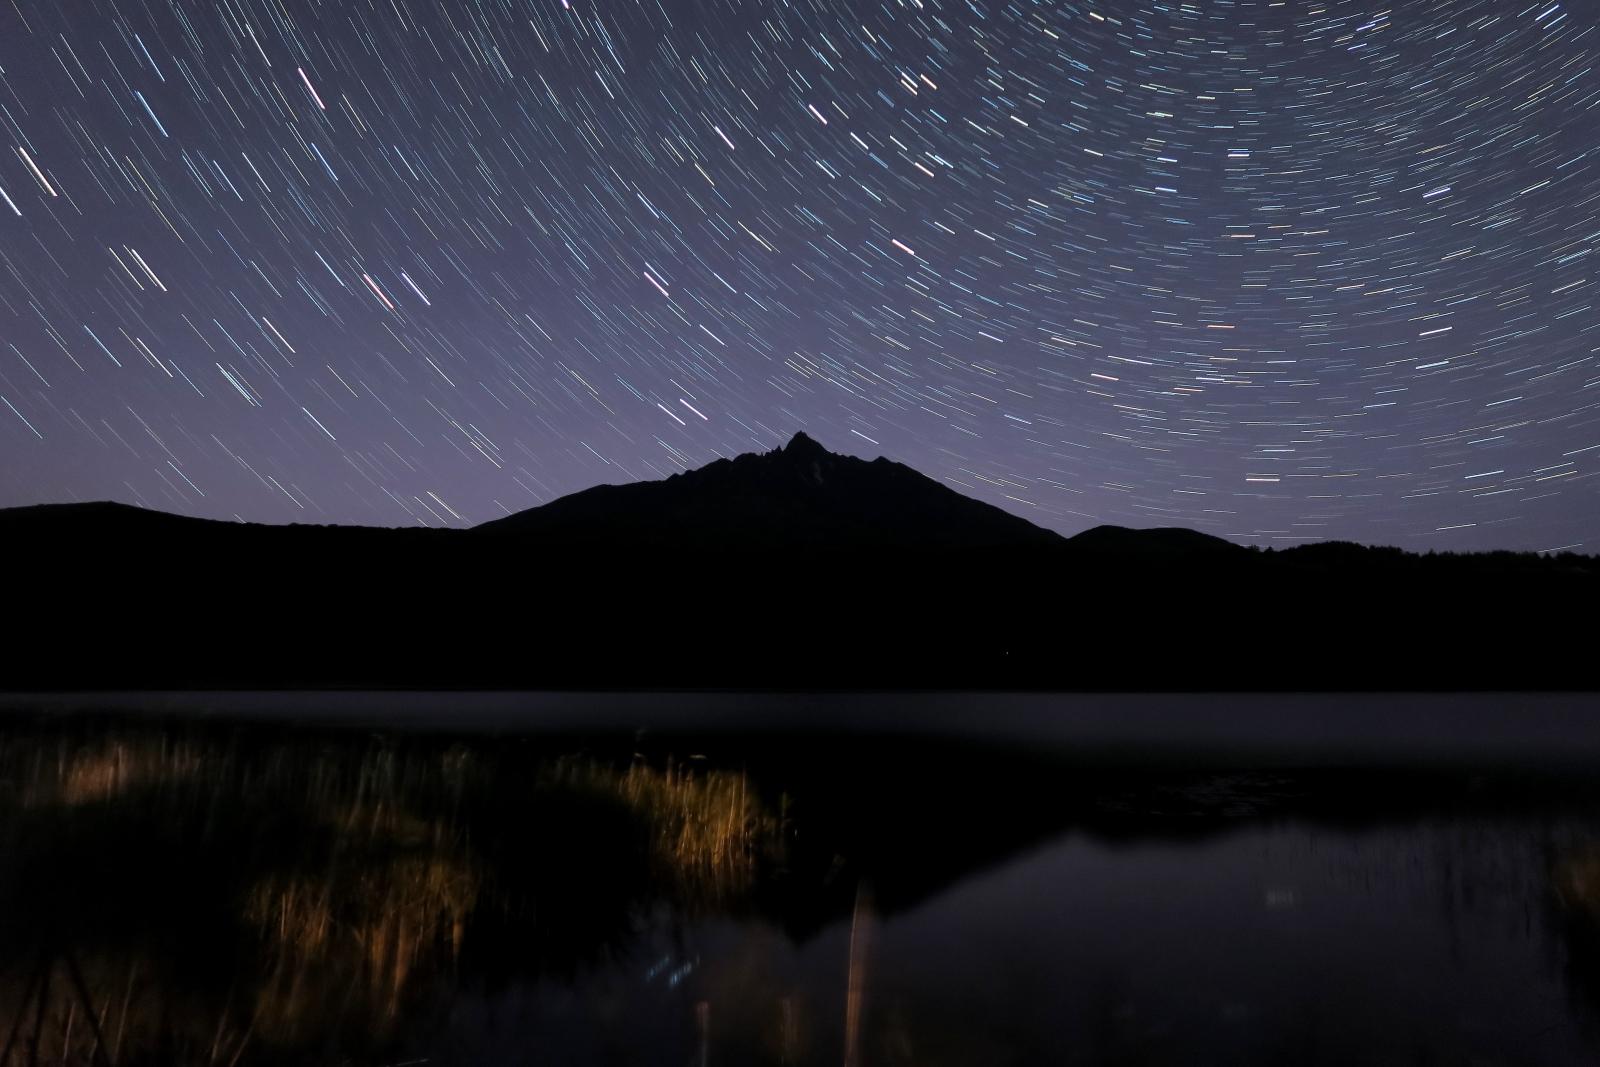 利尻島星空風景のイメージ